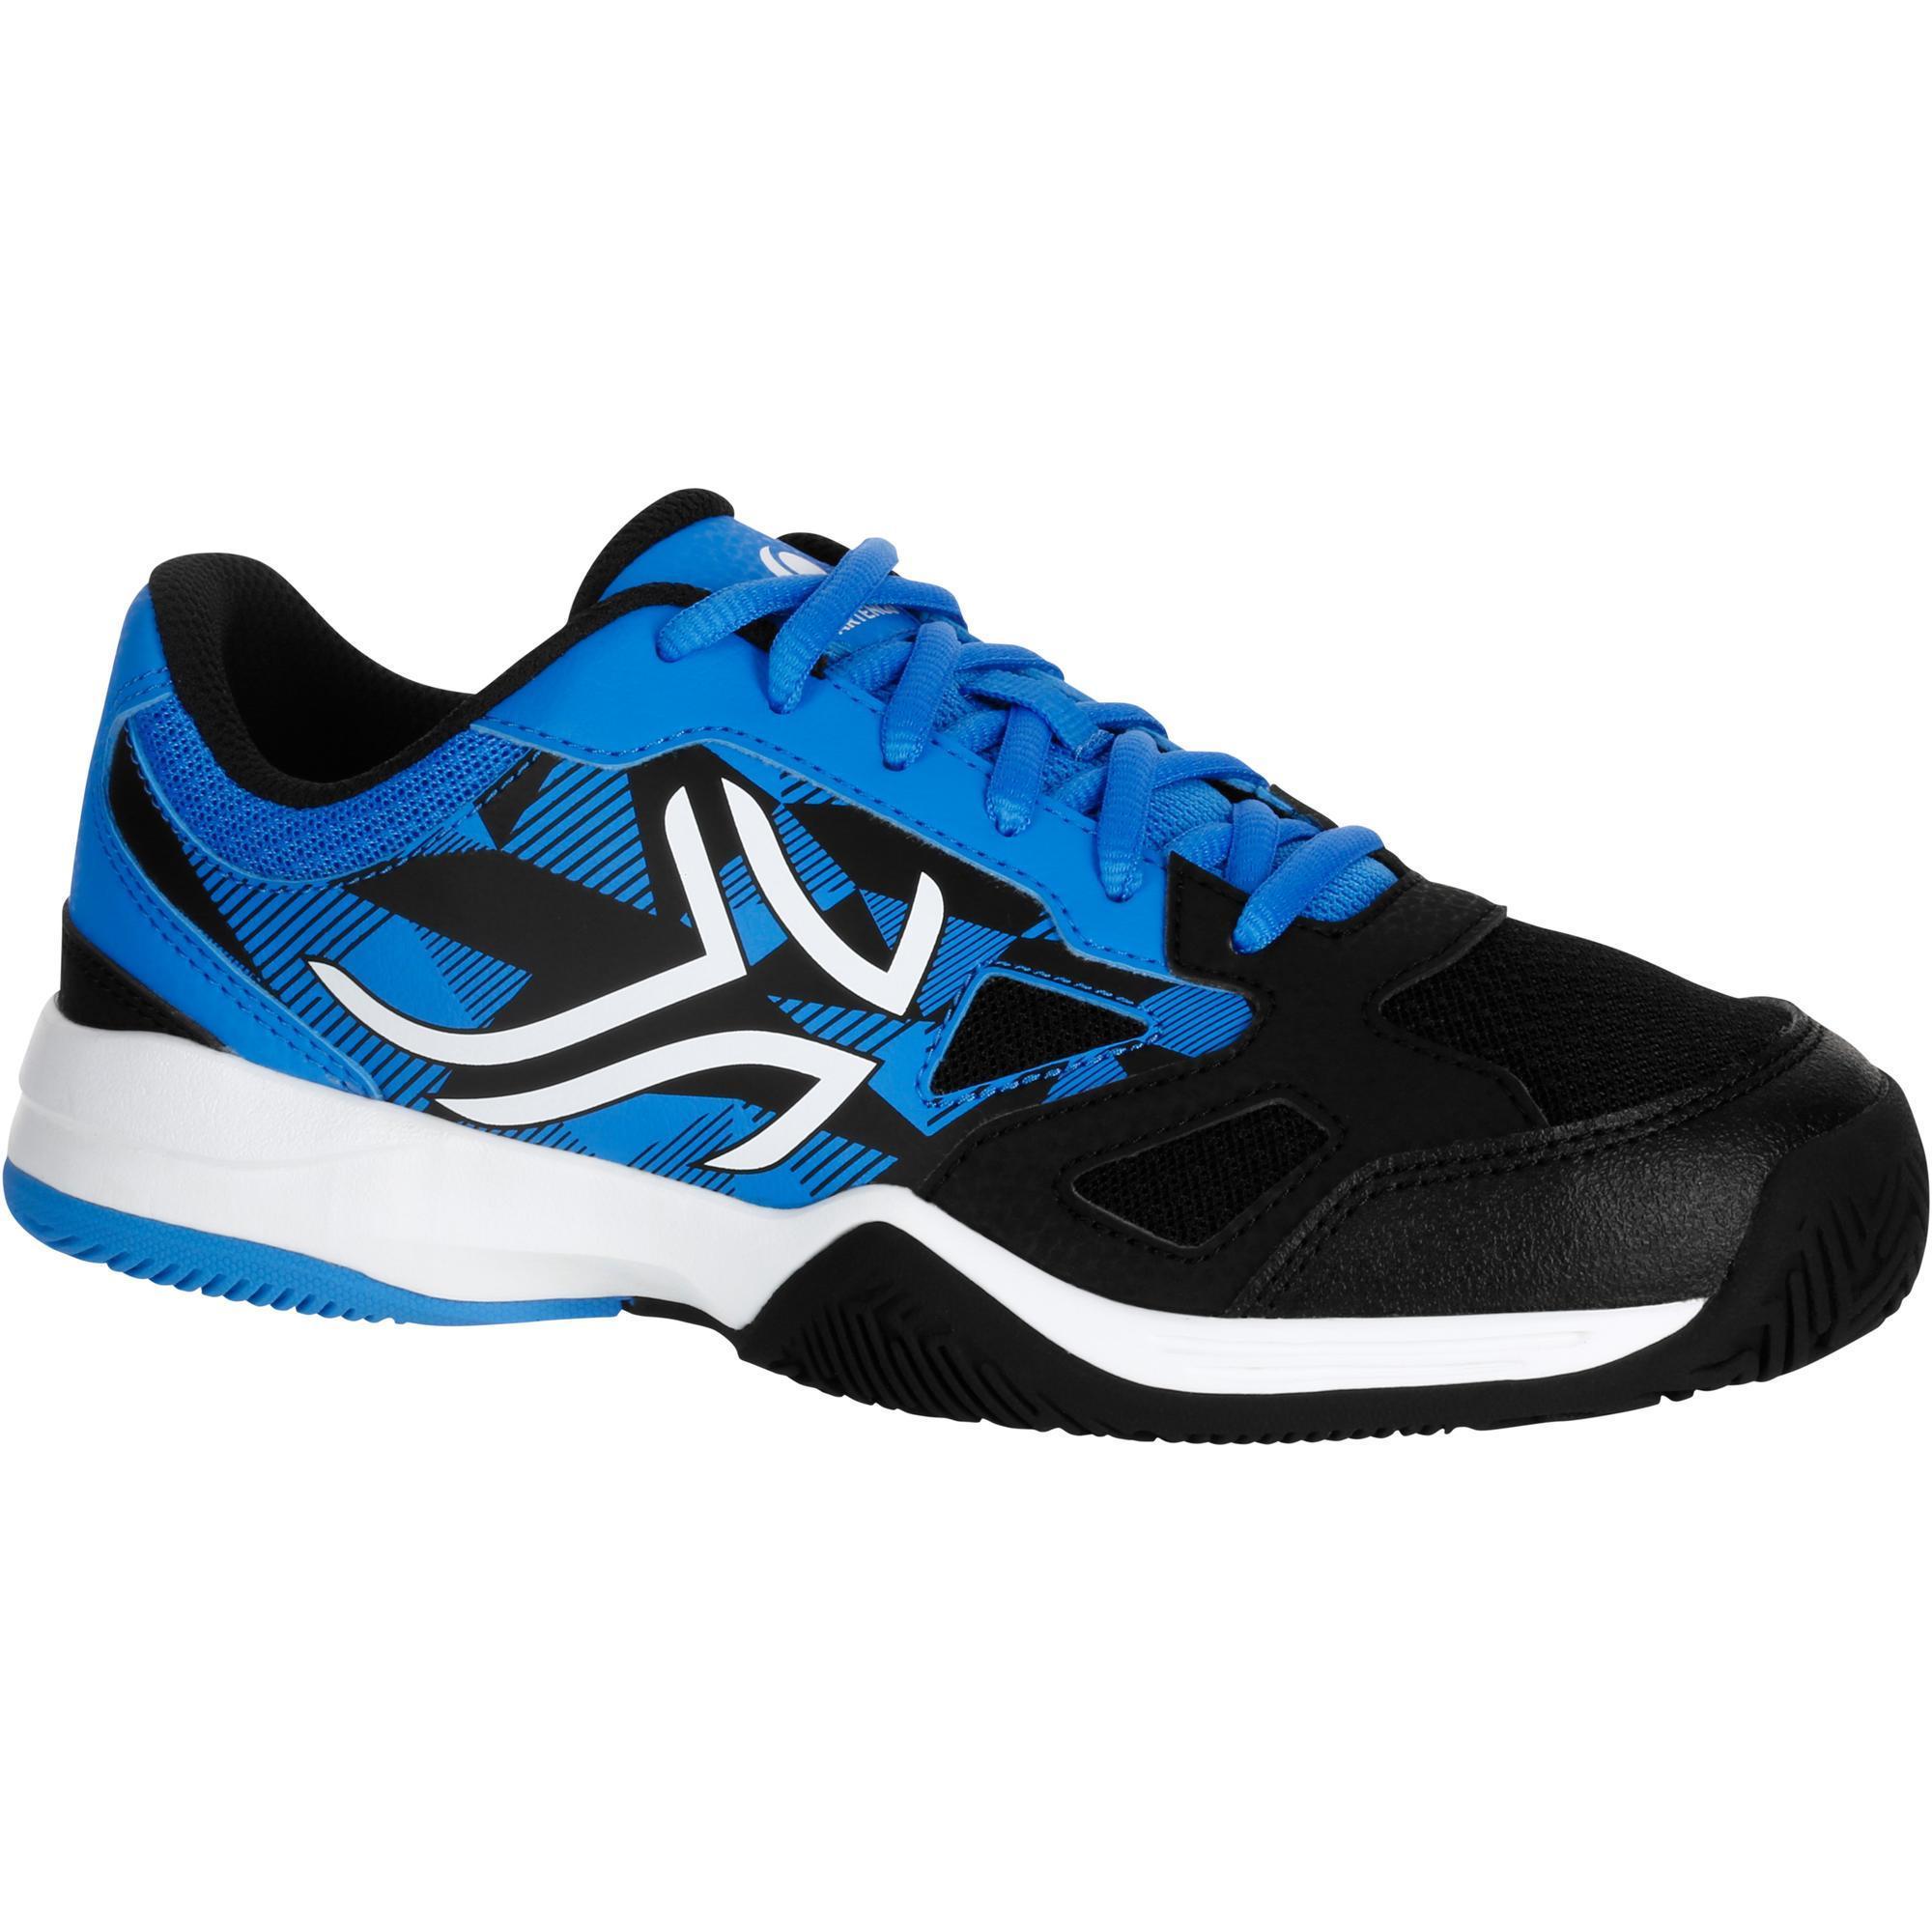 Artengo Tennisschoenen voor kinderen Artengo TS560 blauw/zwart